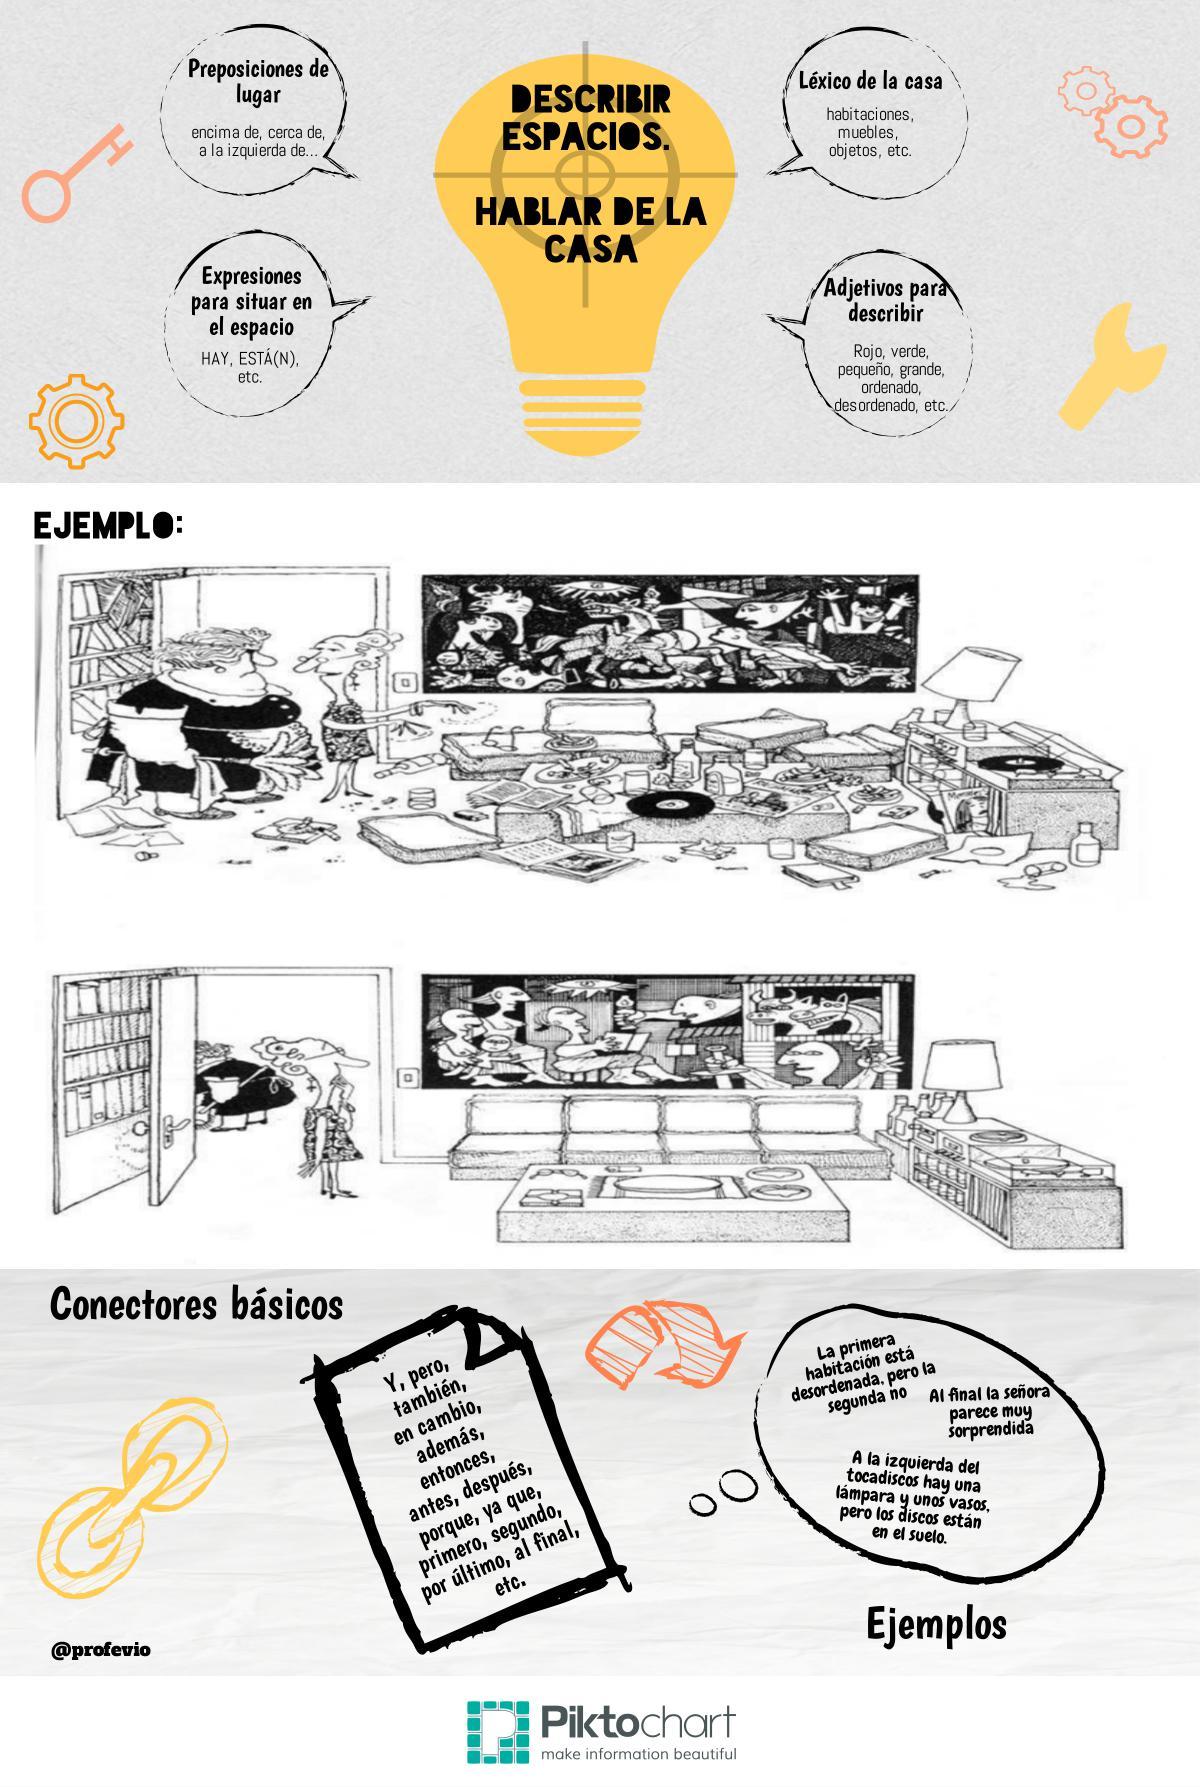 Describir espacios y casa